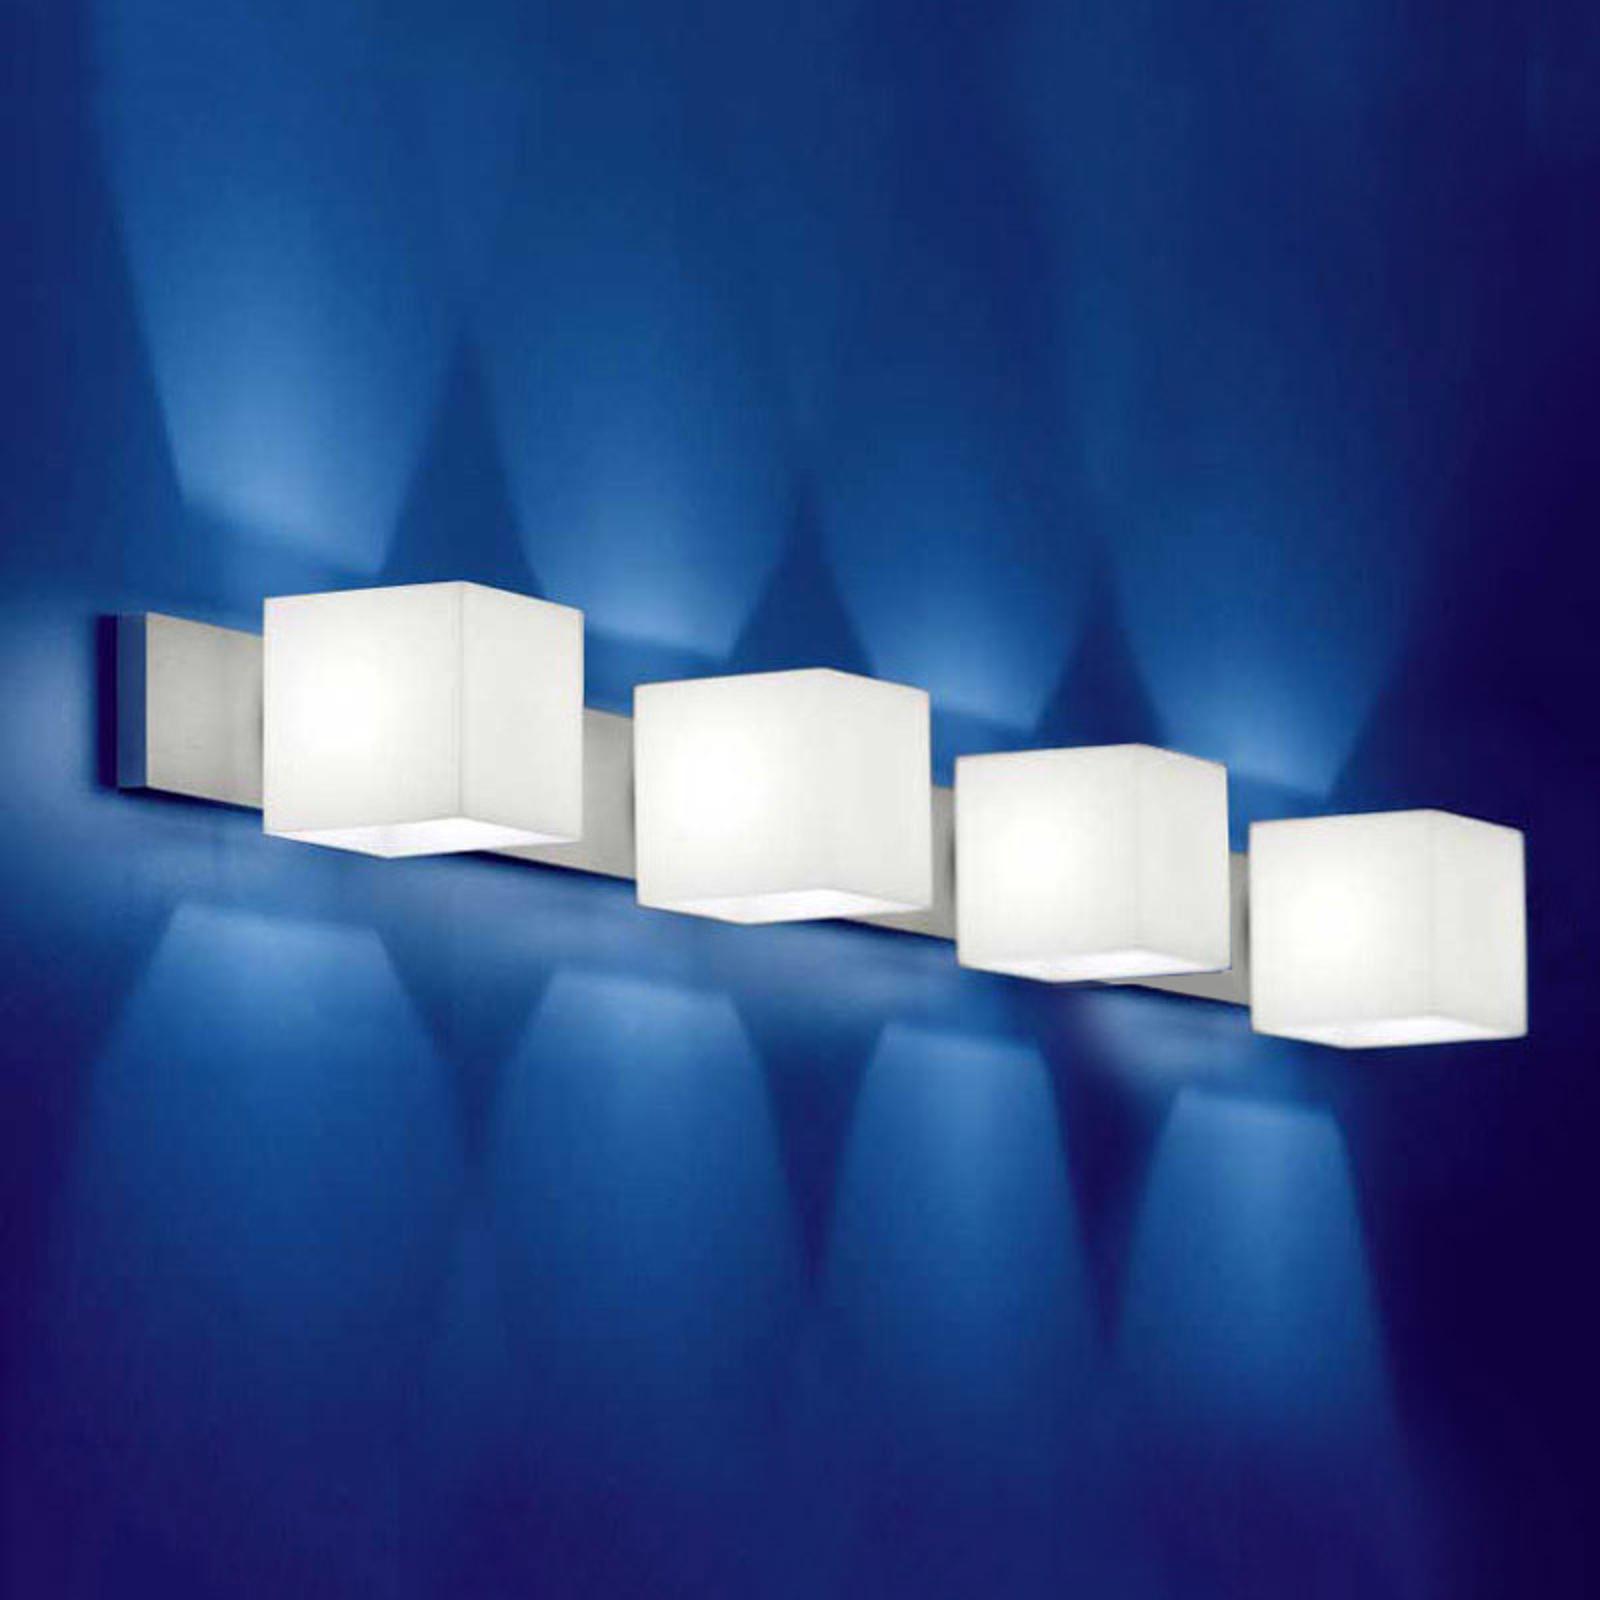 Væglampe CUBE med 4 lyskilder og blændebeskyttelse